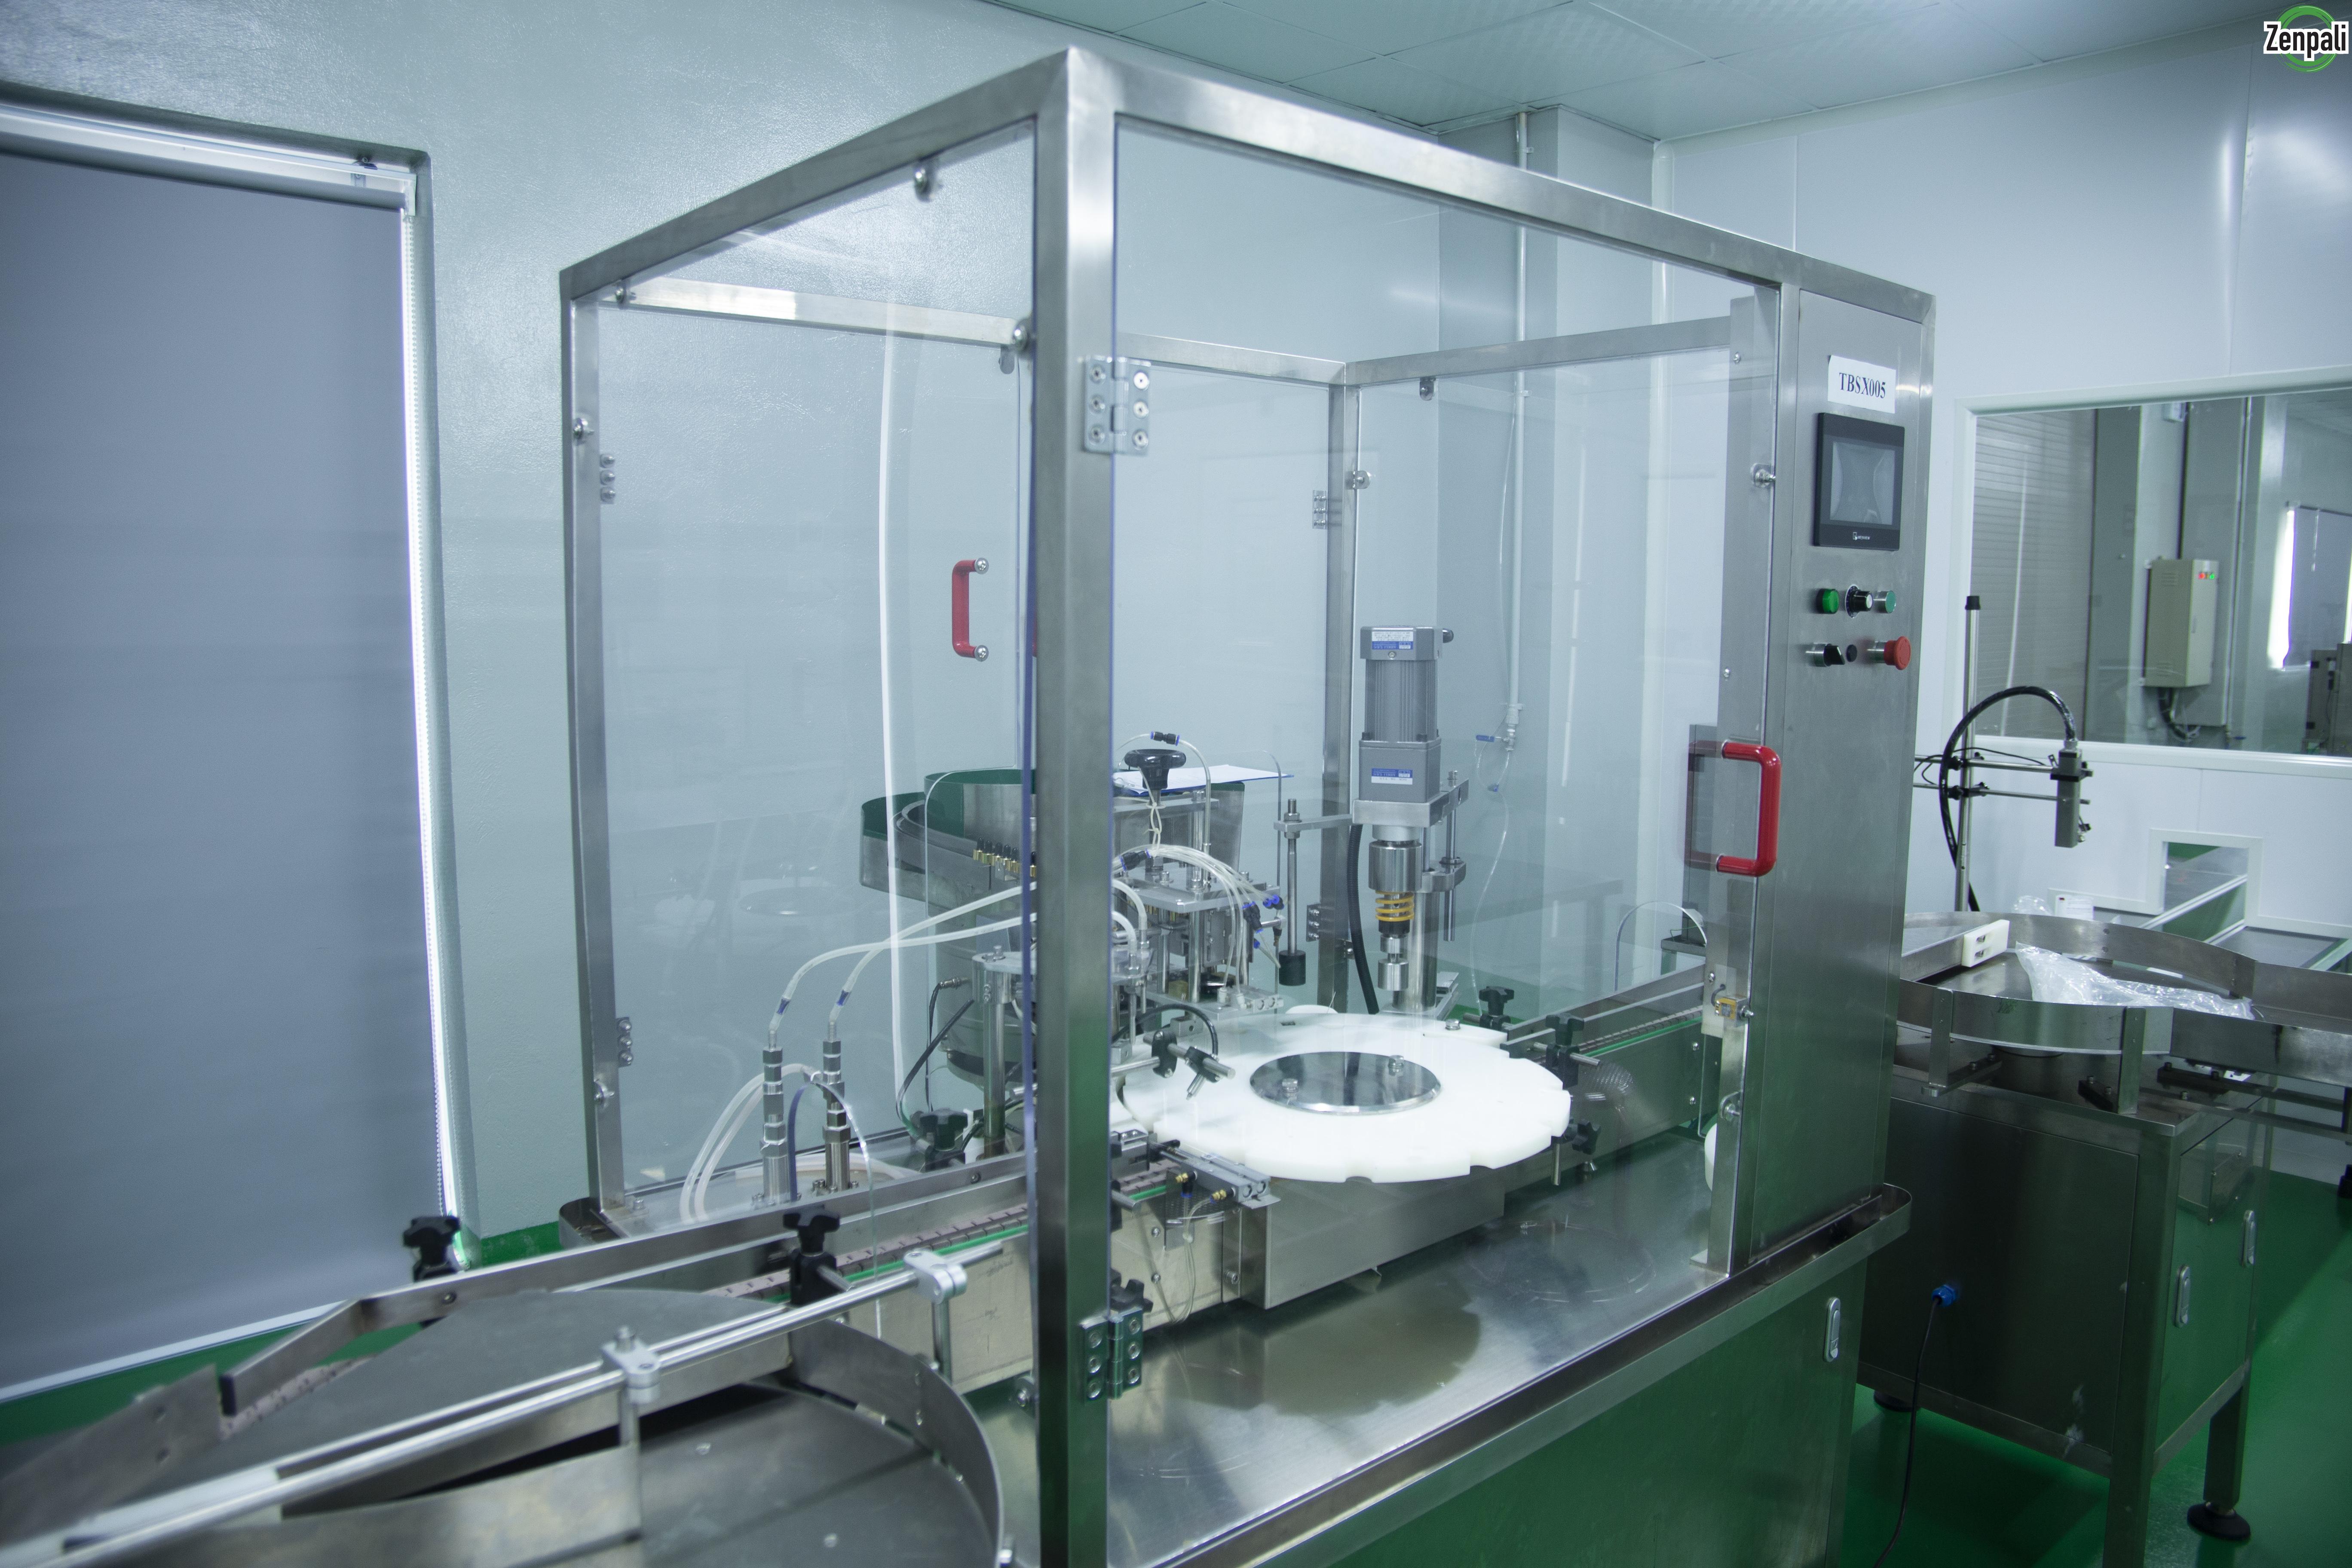 Nhà máy theo chuẩn GMP – ASEAN được đầu tư mạnh mẽ các trang thiết bị hiện đại bậc nhất, mọi quá trình sản xuất và quản lý thực hiện theo mô hình khép kín tự động